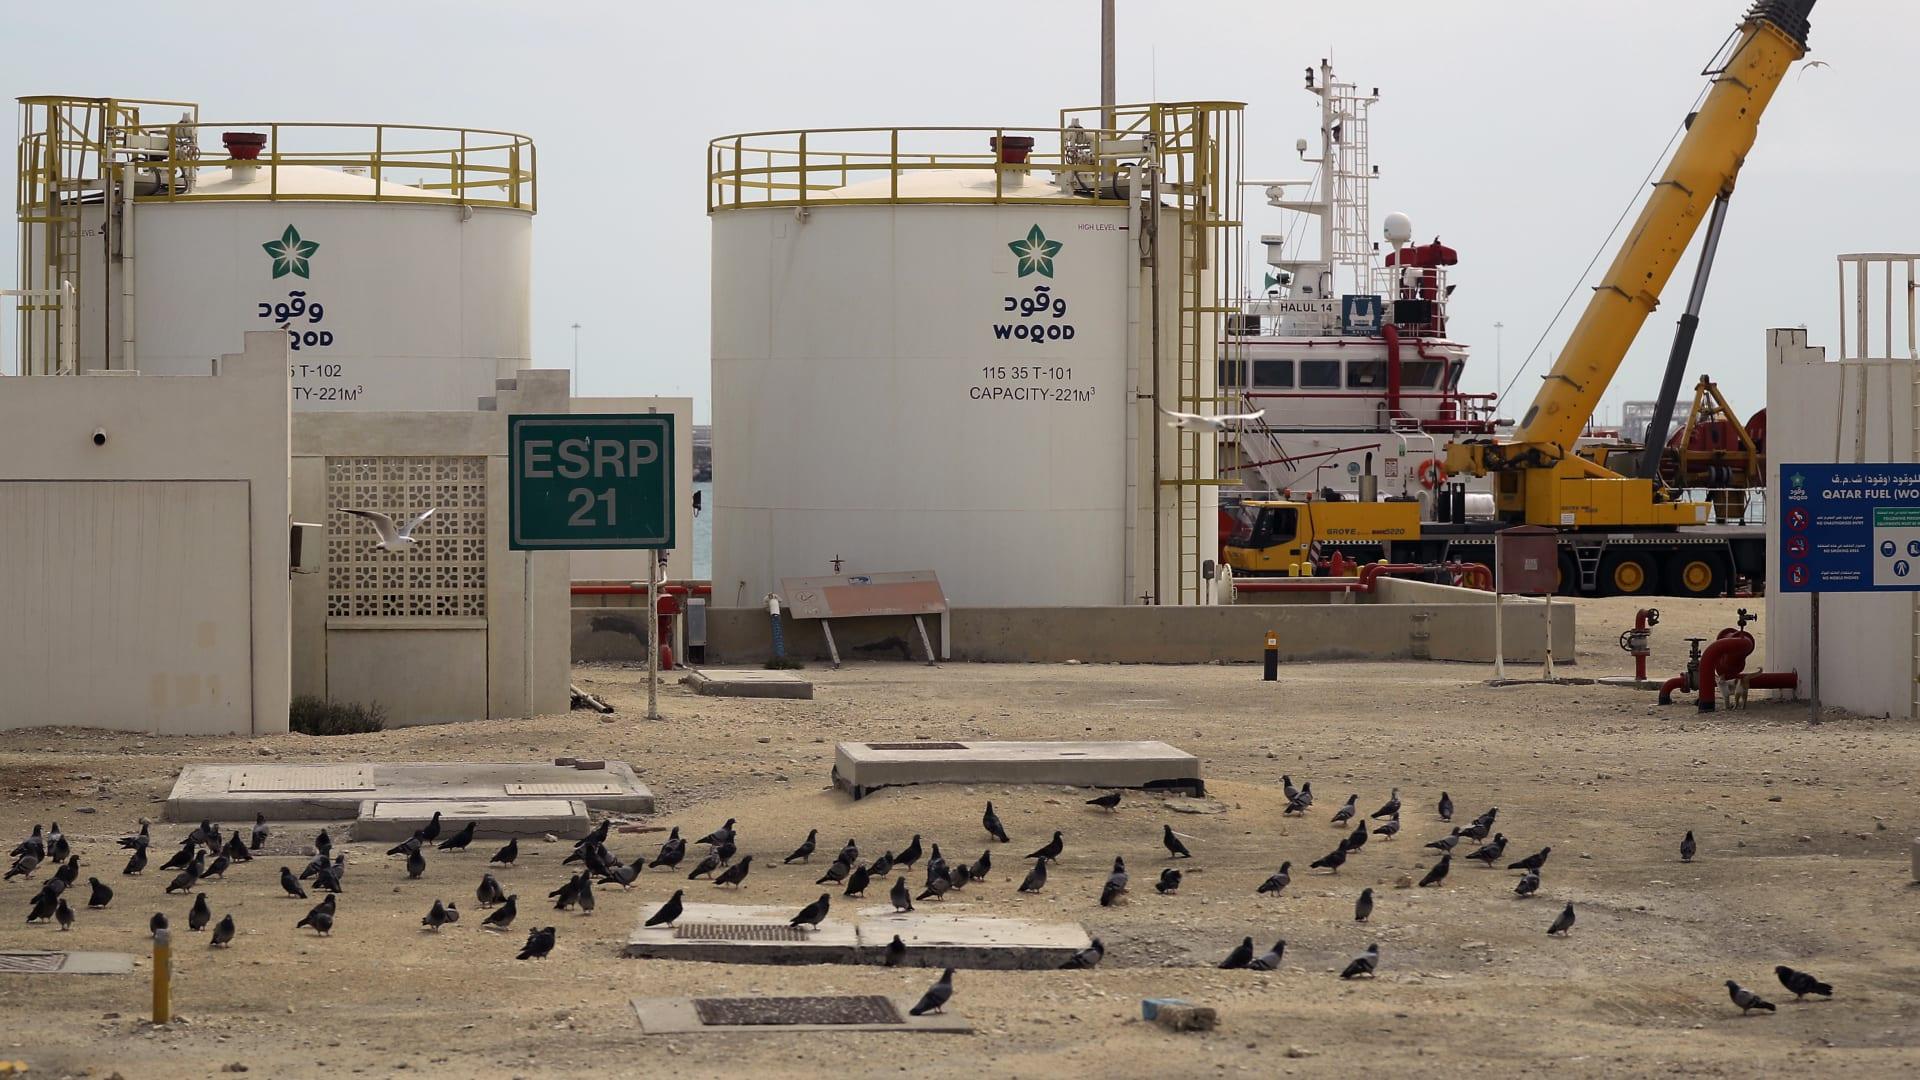 قطر توقع صفقة ضخمة مع الصين لتزويدها بمليون طن غاز مسال سنويا